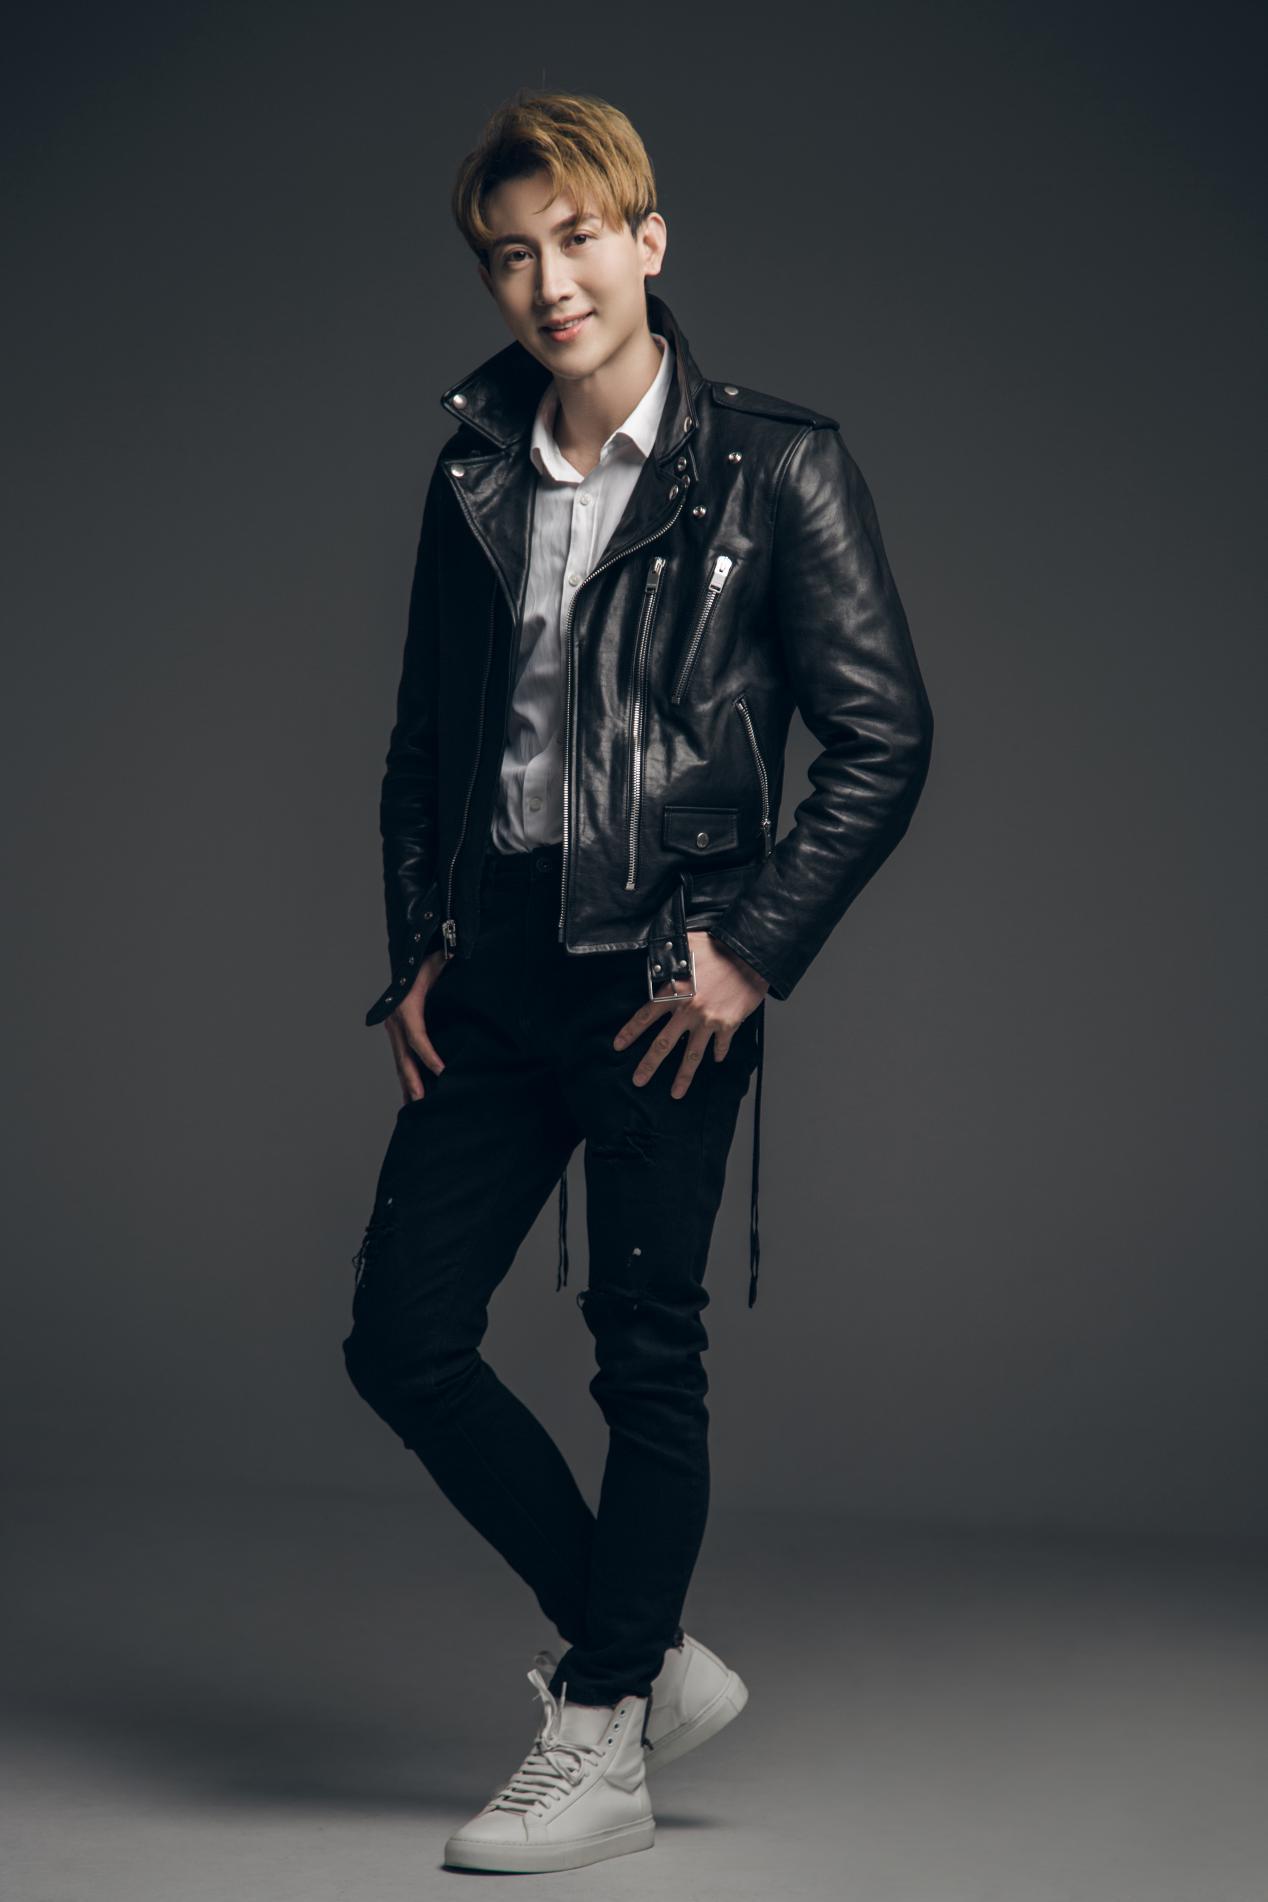 王龙华黑色夹克写真大年夜片曝光 轻奢酷男范儿开启舔屏模式